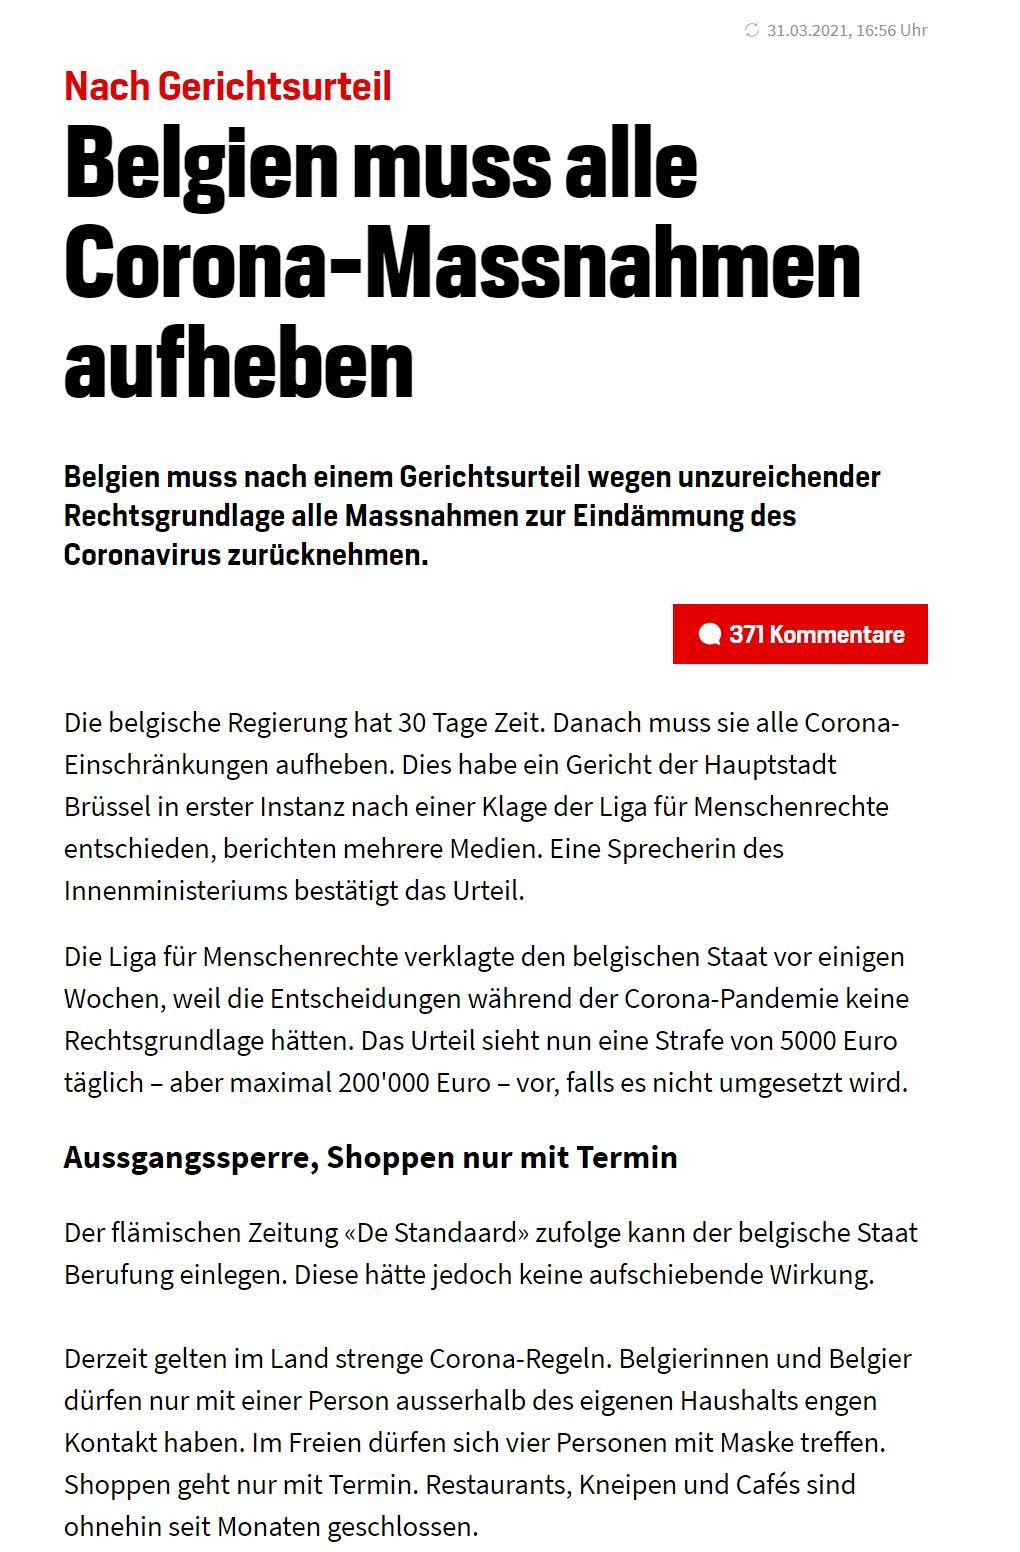 Belgien_muss_alle_Corona-Massnahmen_aufheben